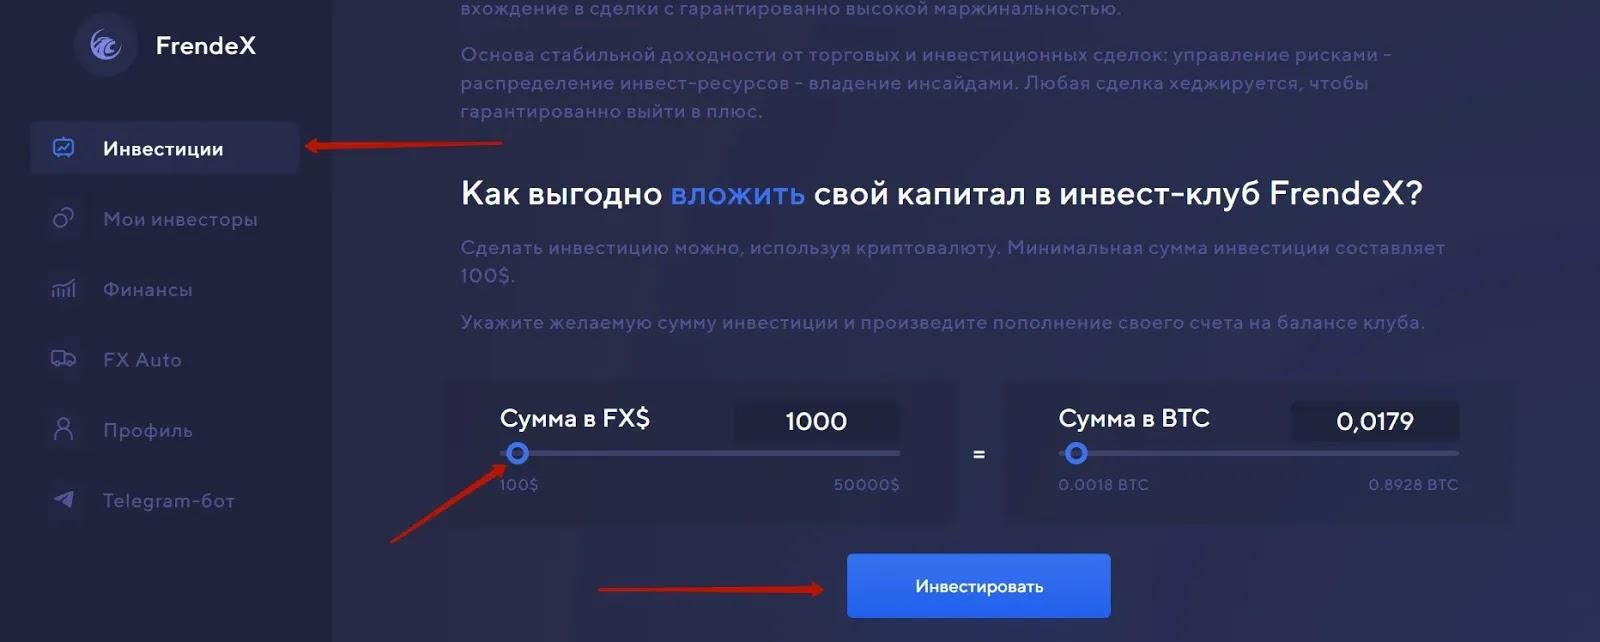 Создание депозита в FrendeX